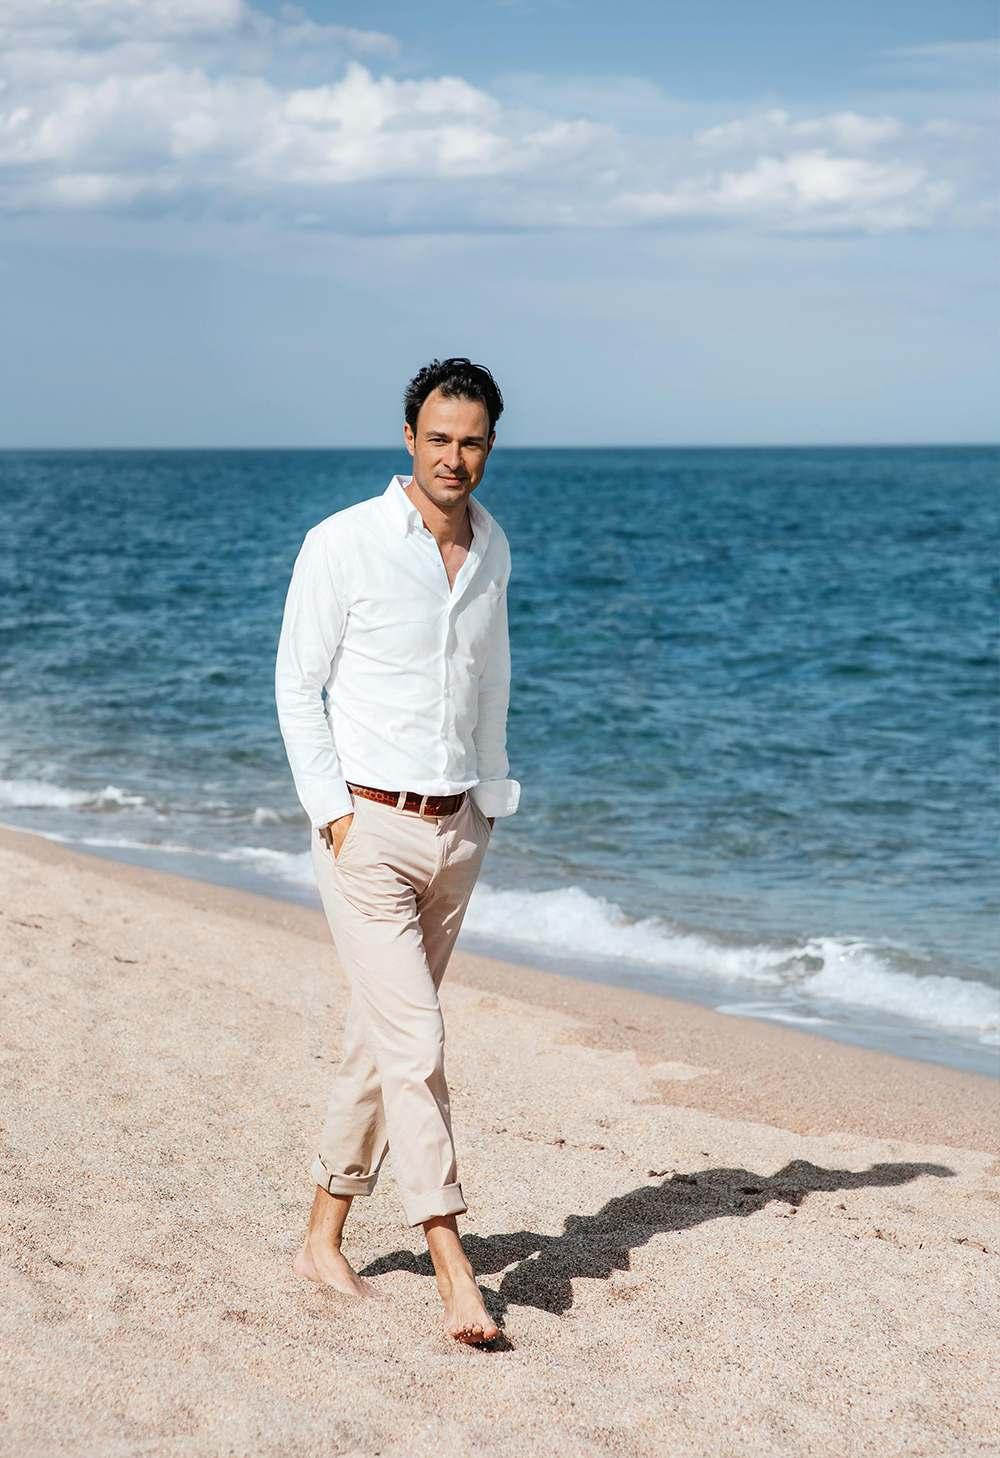 индивидуальные стильные фотосессии на Сардинии